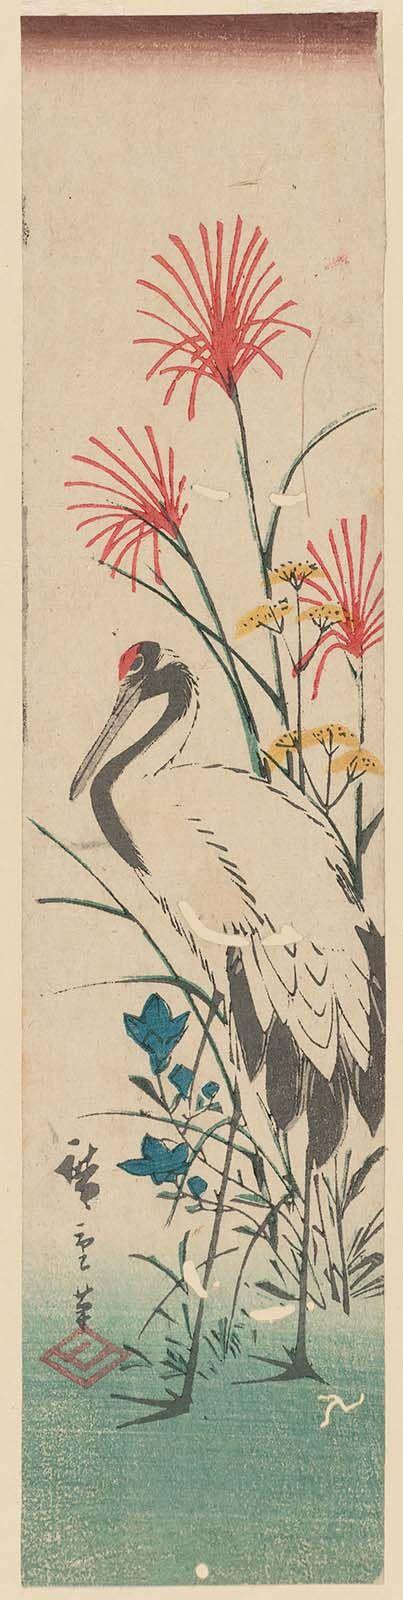 Crane and Autumn Flowers  Artist Utagawa Hiroshige I, Japanese, 1797–1858